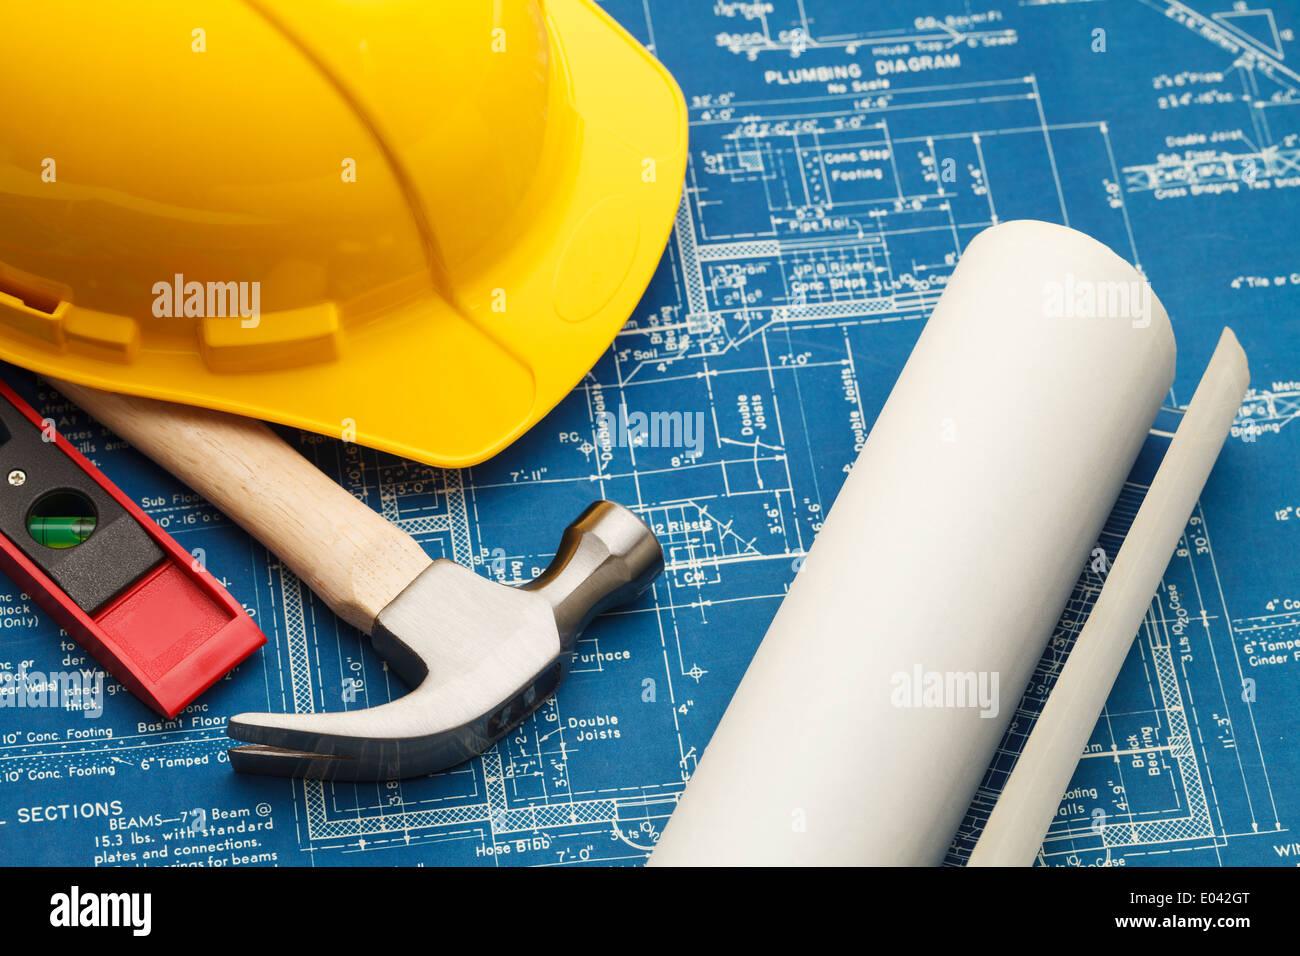 Blueprint e di strumenti di costruzione con elmetto. Immagini Stock